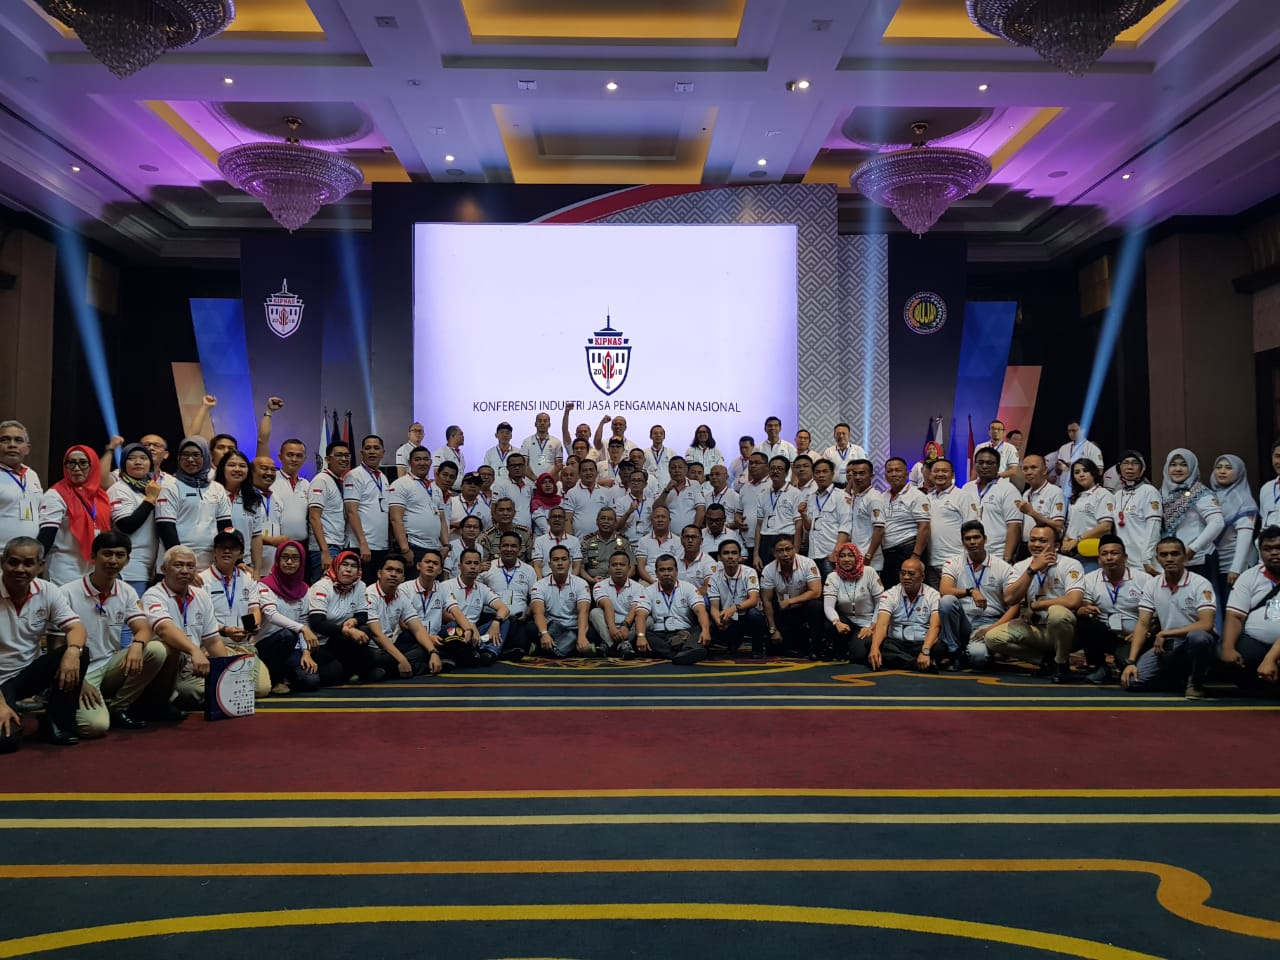 Asosiasi Jasa Pengamanan Ingin Satpam Diakui Sebagai Profesi